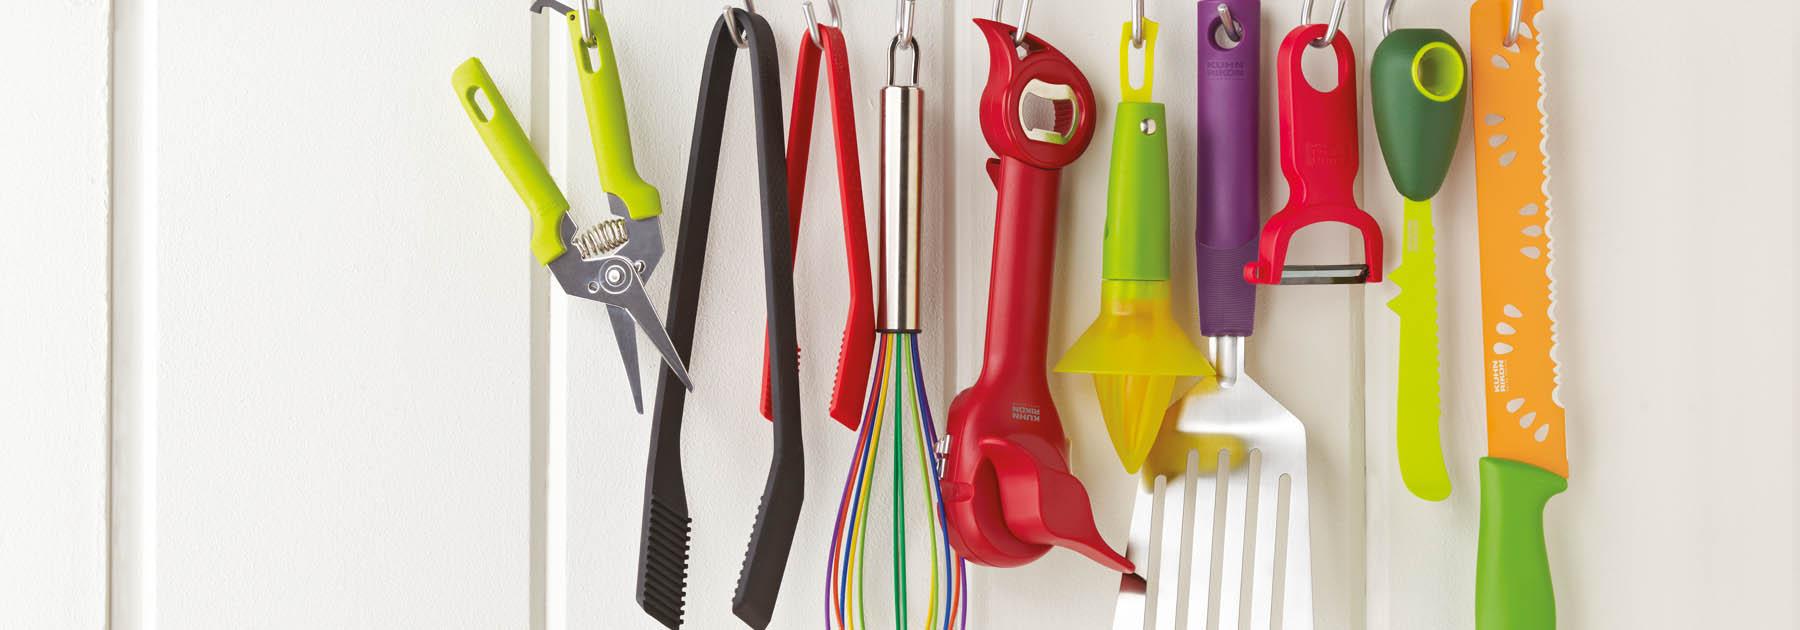 kuhn, rikon, save, offer, promotion, utensils